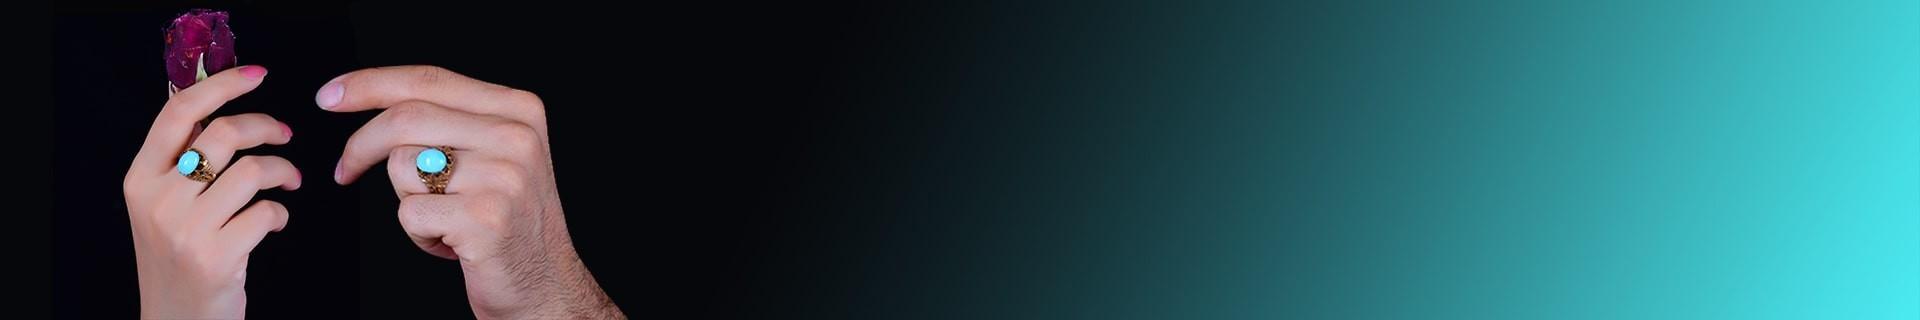 فیروزه عجمی اصل و طبیعی نیشابور | خرید فیروزه اصل و طبیعی نیشابور